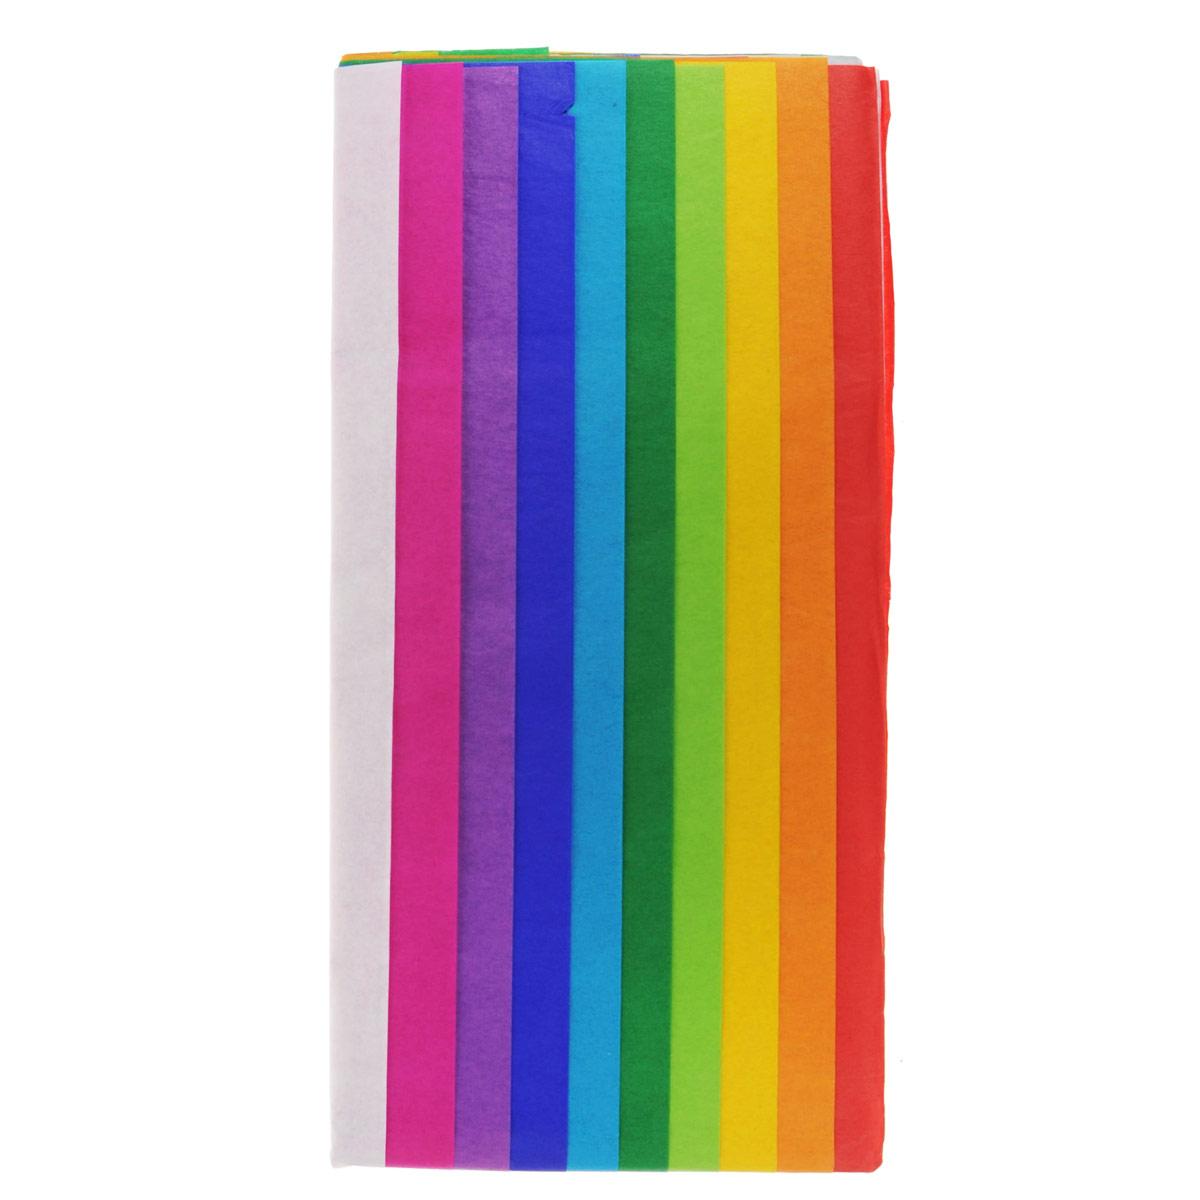 Бумага папиросная Folia, 50 х 70 см, 10 листов. 7708122 креповая или папиросная бумага или тонкая упаковочная бумага купить томск